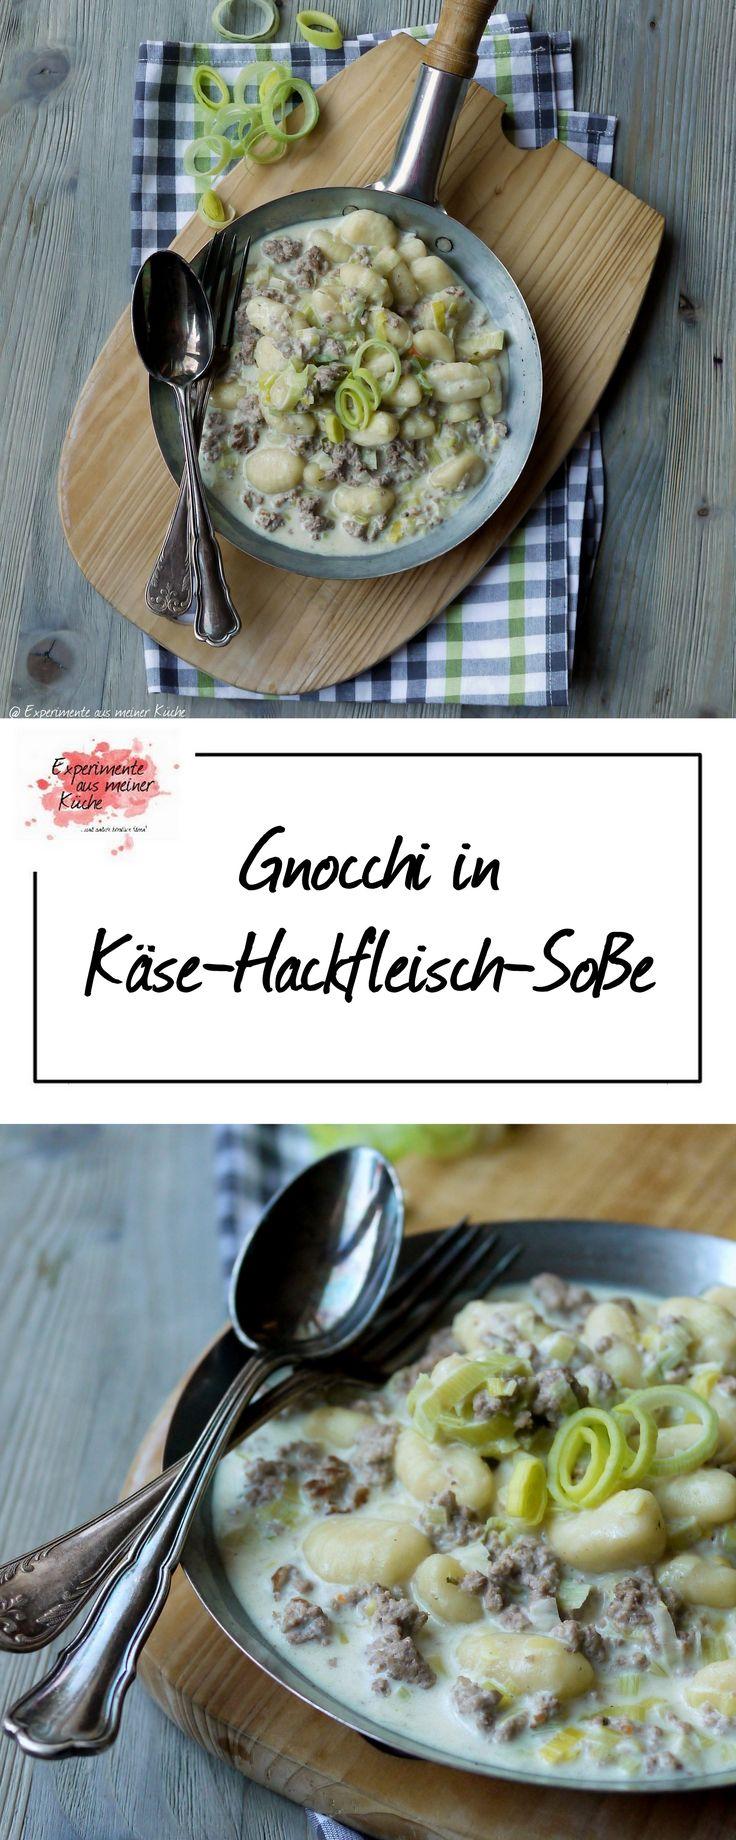 Gnocchi in Käse-Hackfleisch-Soße | Rezept | Kochen | Essen